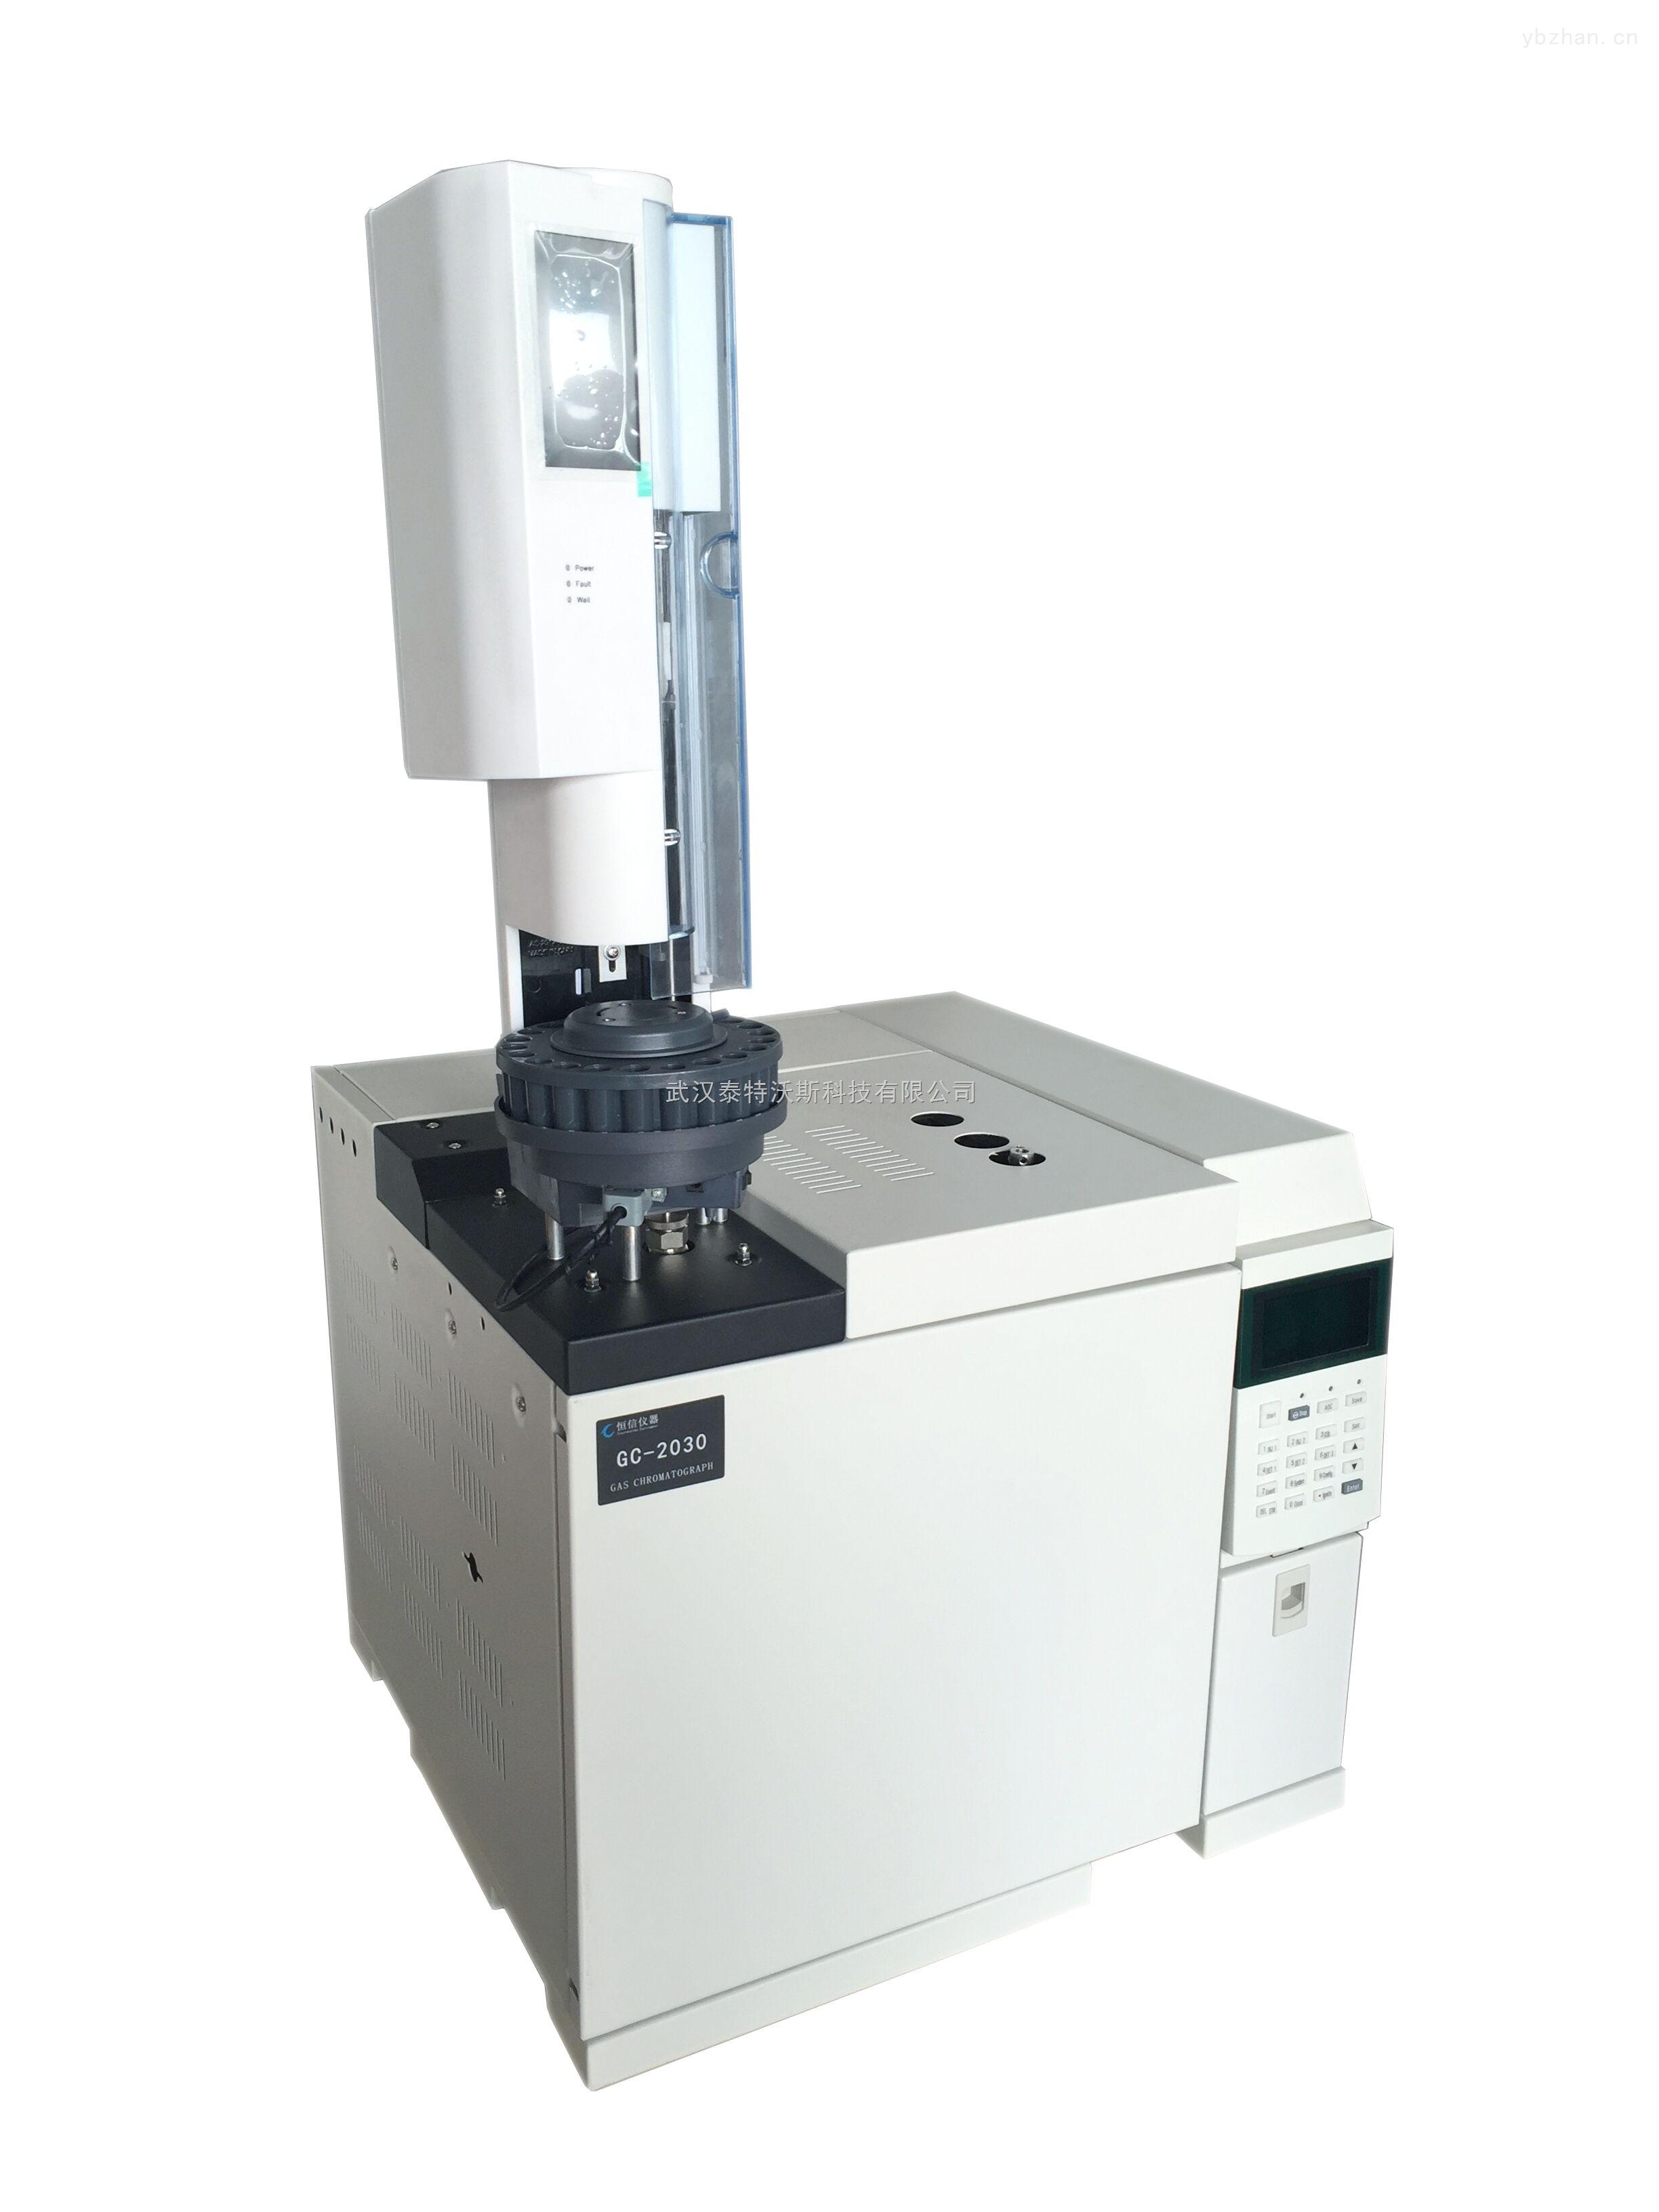 GC2030-气相色谱仪保养须知—泰特仪器